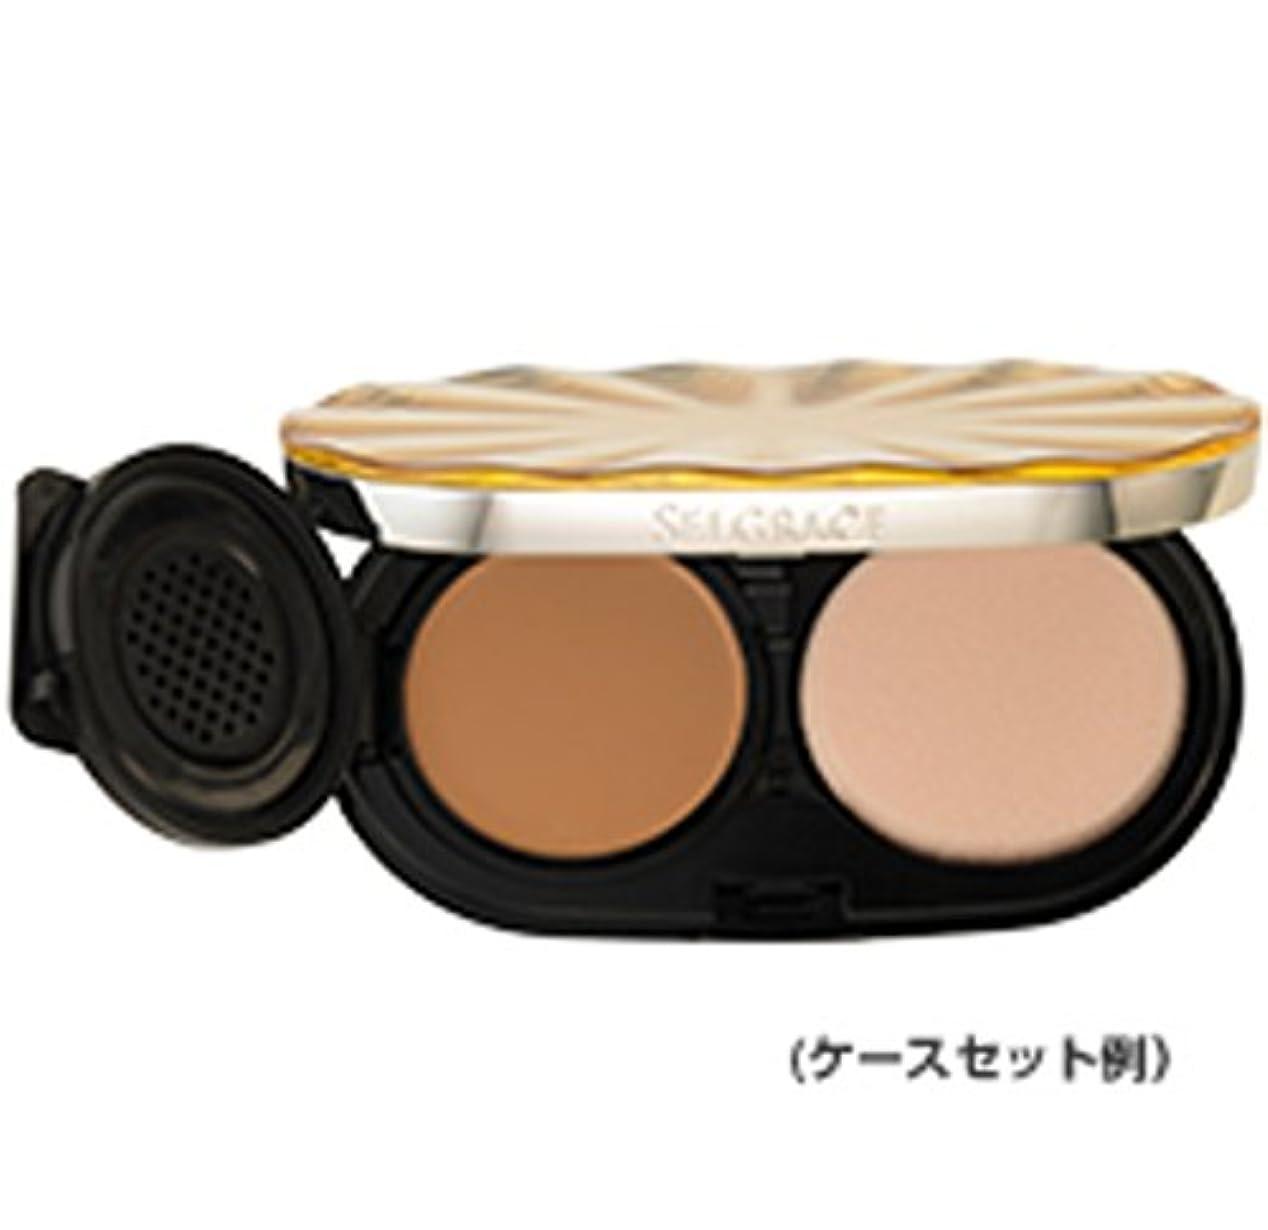 運賃歌手コミュニティナリス化粧品 セルグレース ベースインパクト ファンデーション 130 ライトピンクベージュ レフィル (スポンジ付き)